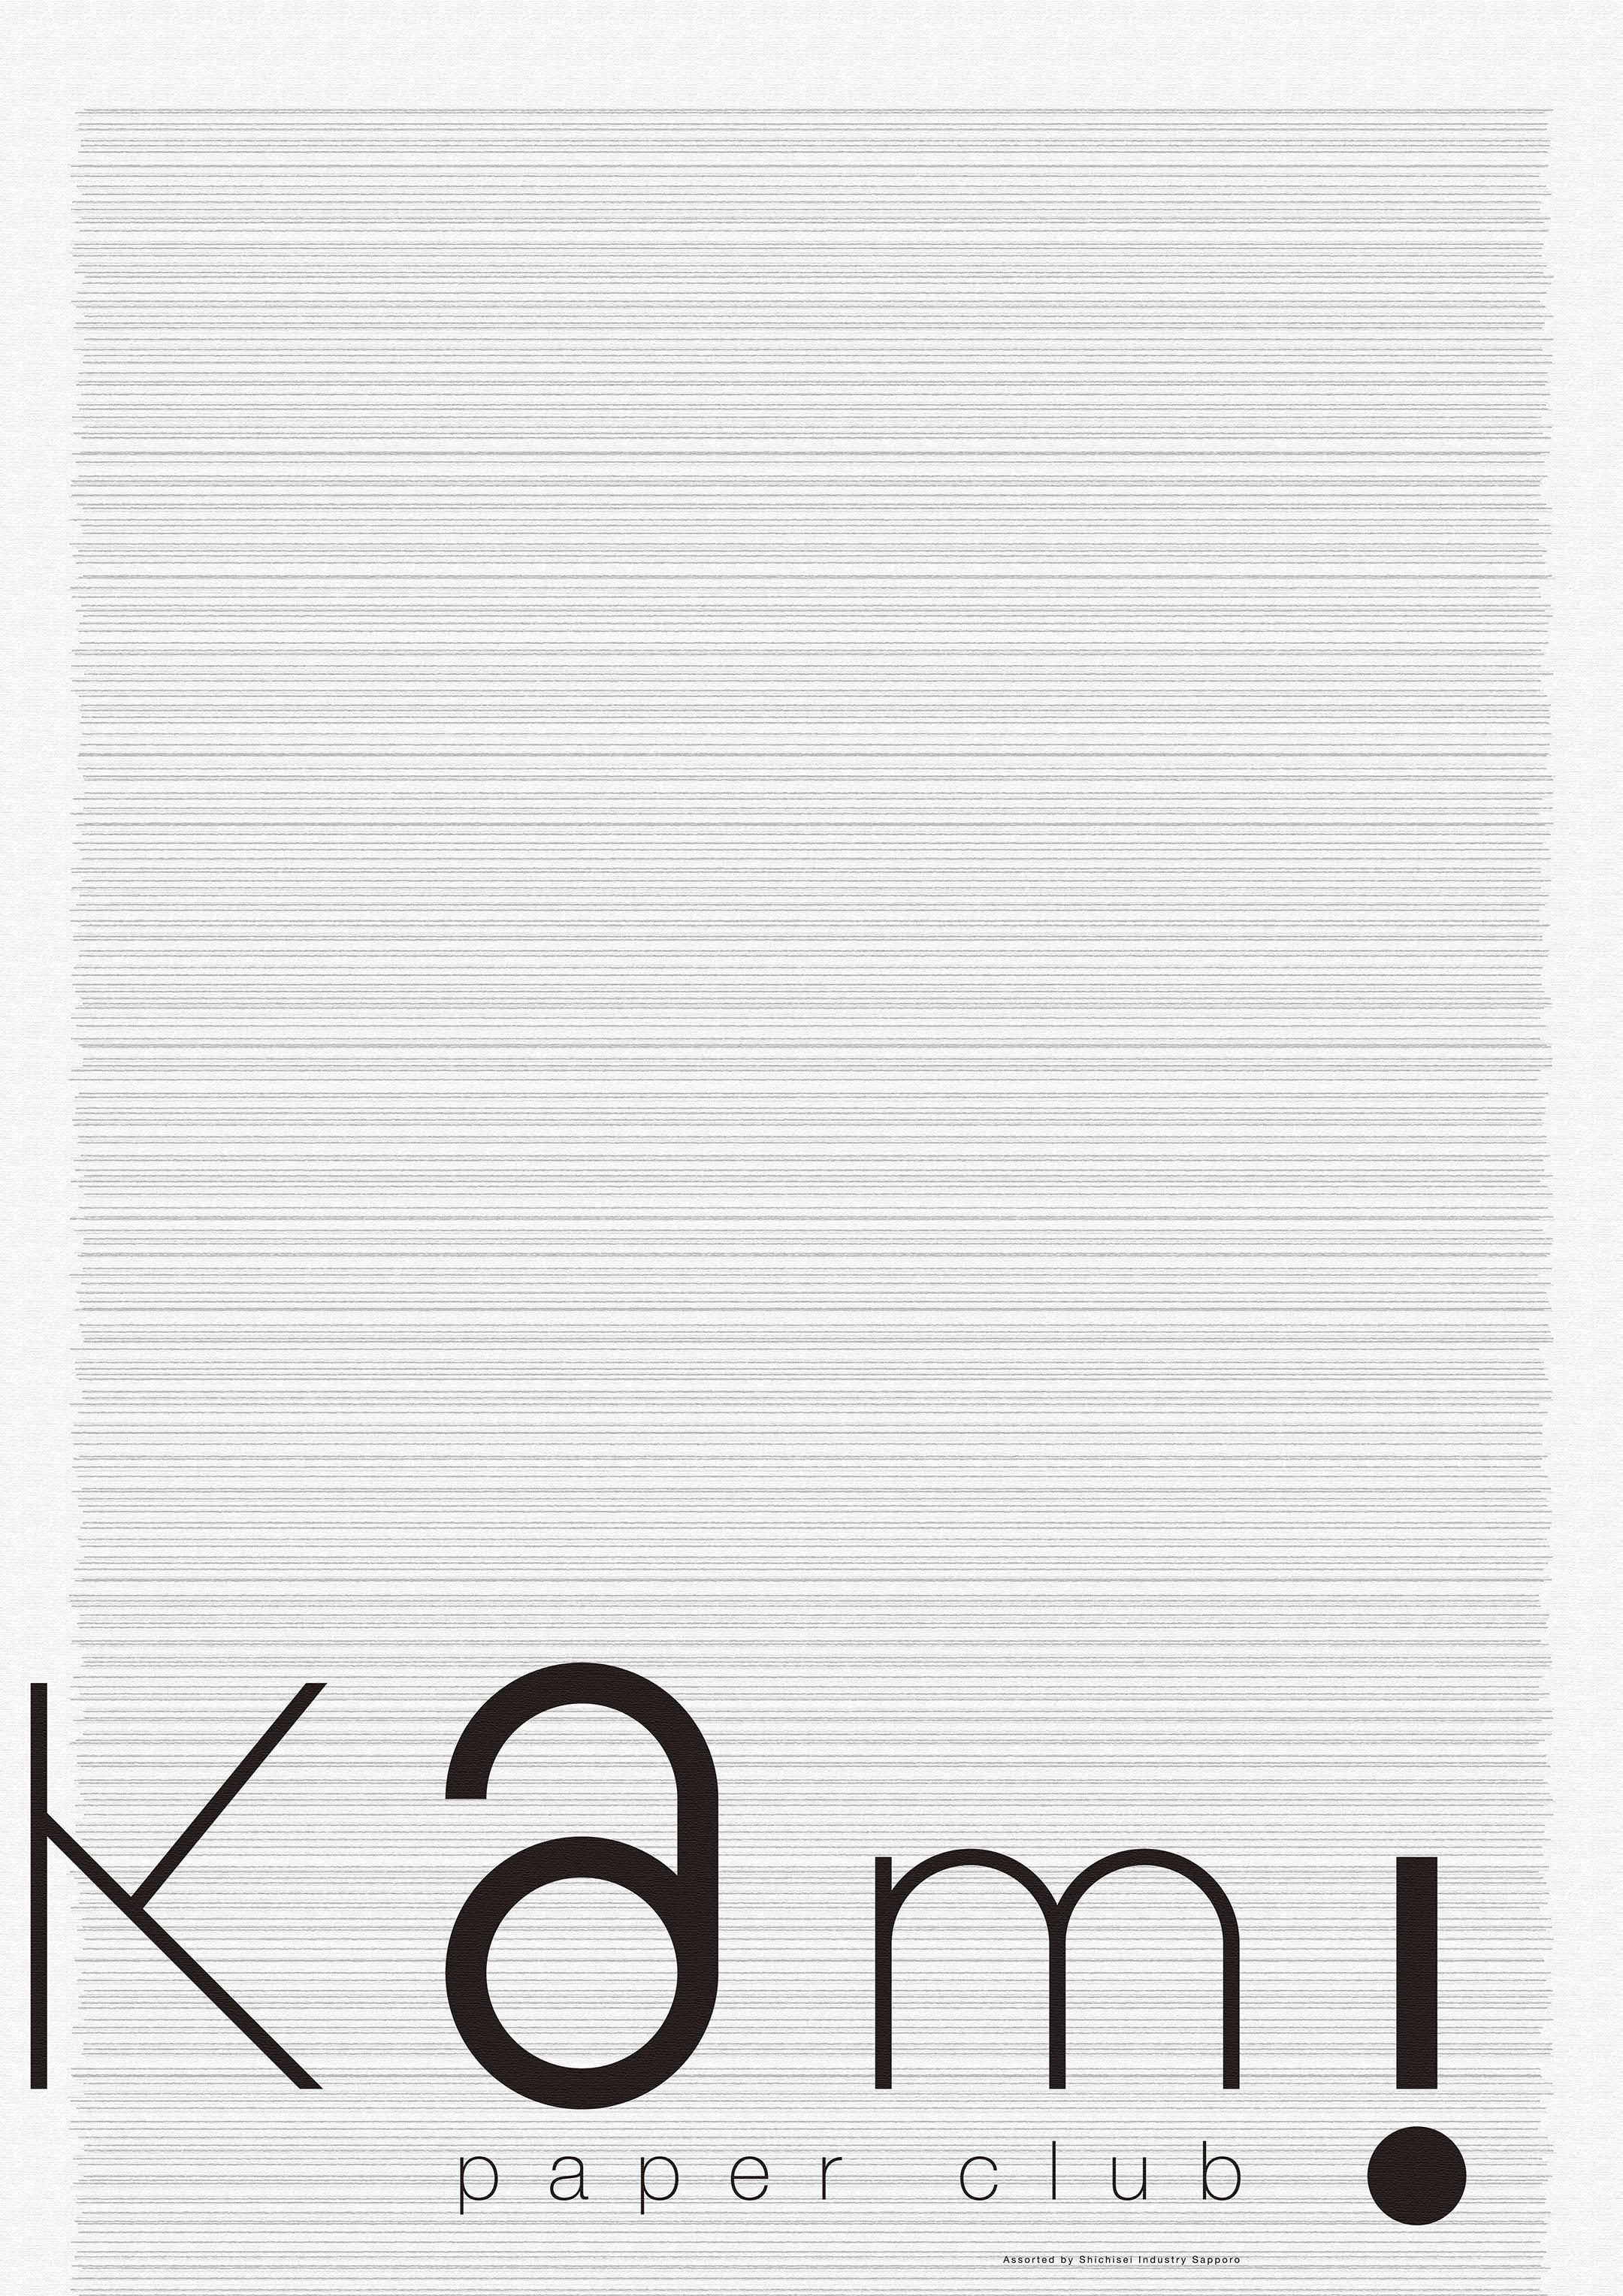 Kami (Paper) Club